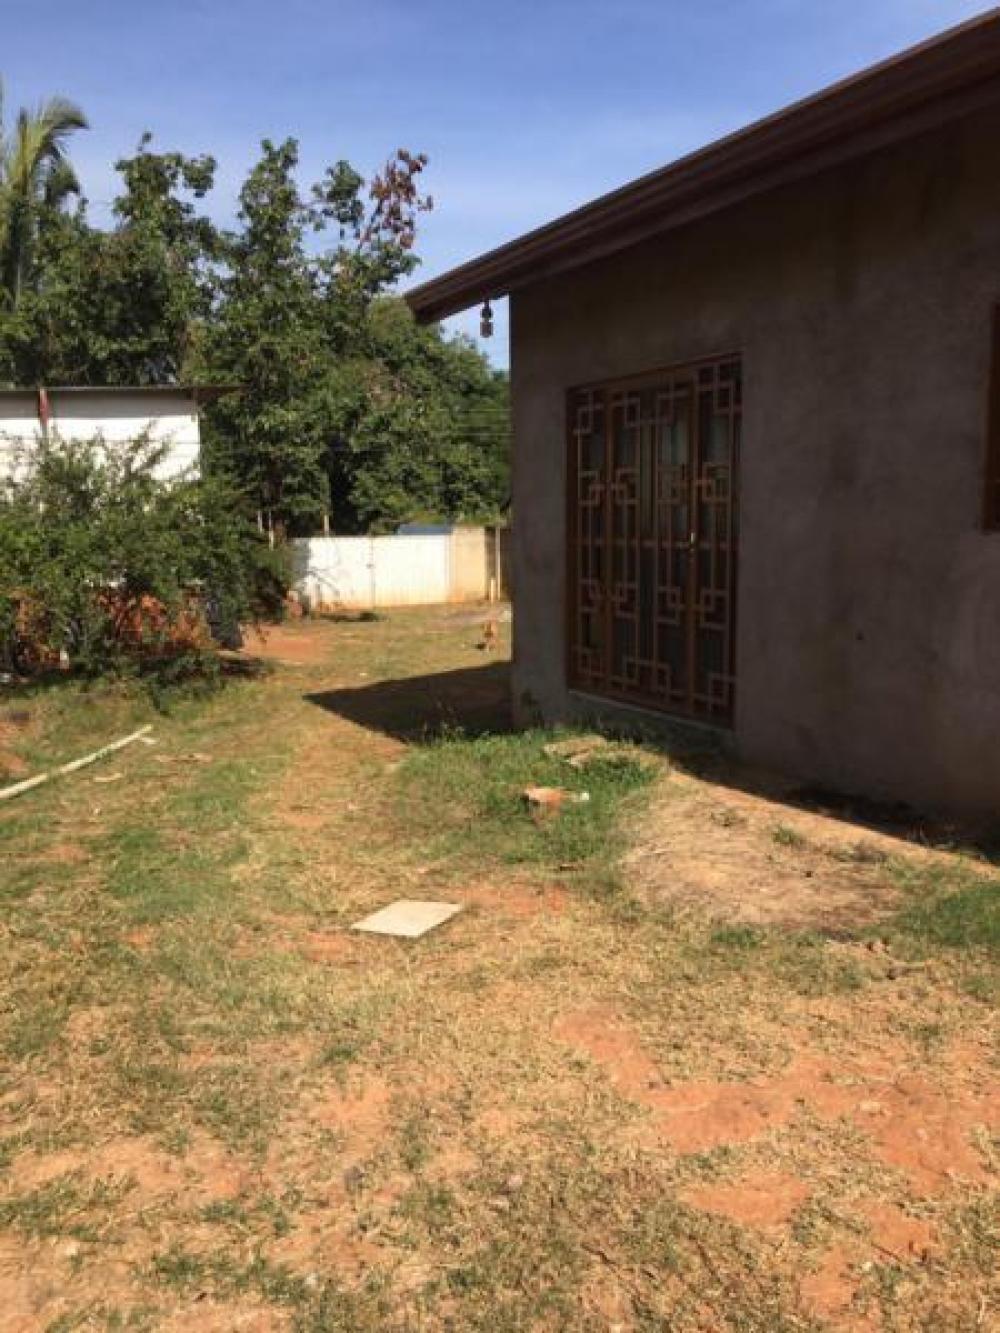 Comprar Rural / Chácara em São José do Rio Preto R$ 600.000,00 - Foto 13